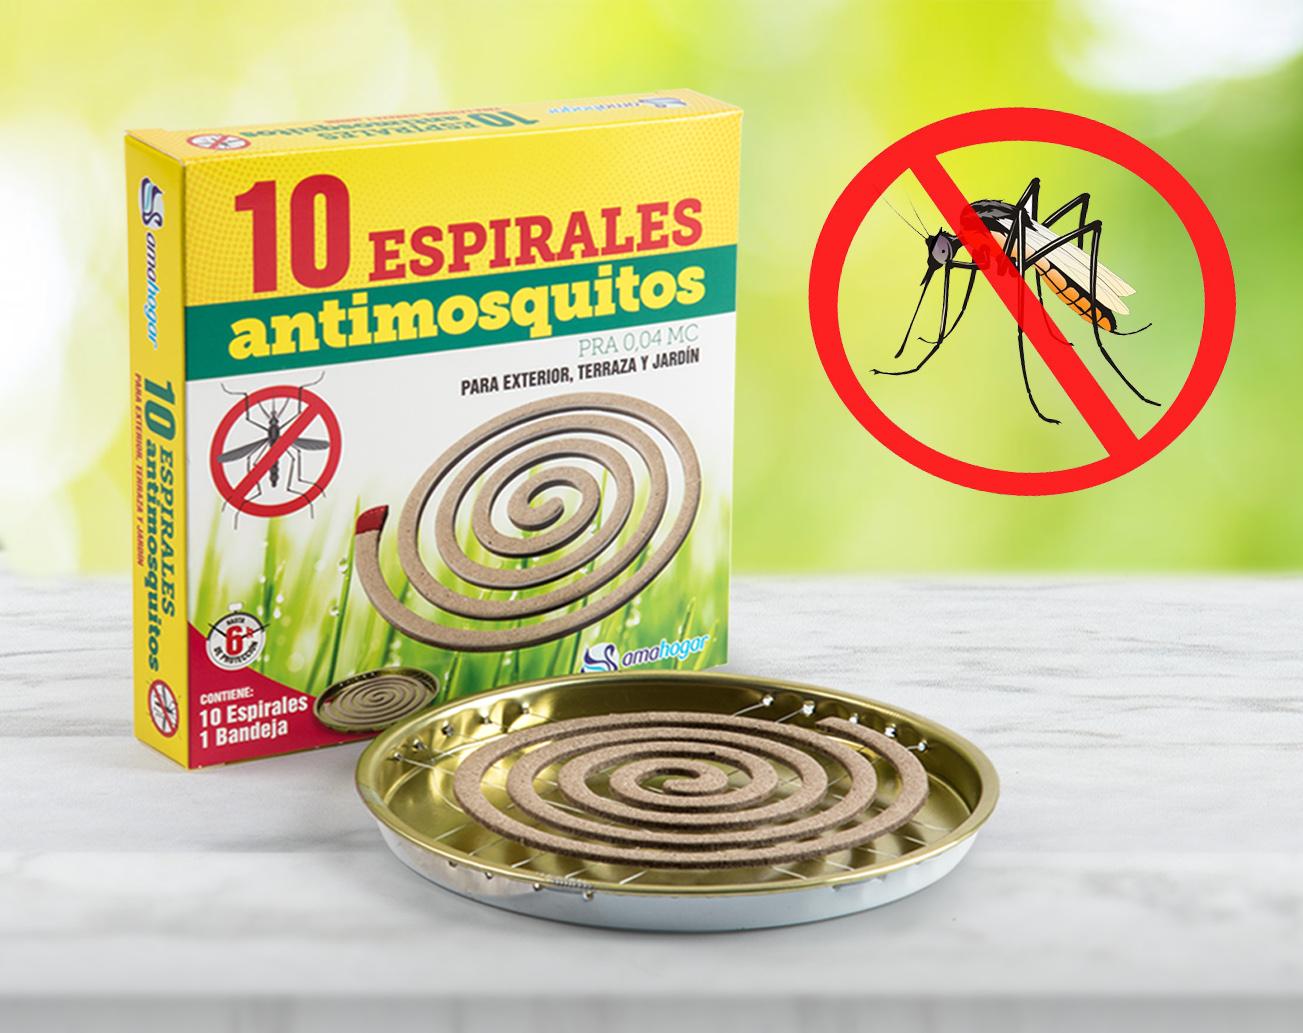 Espirales antimosquitos Amahogar